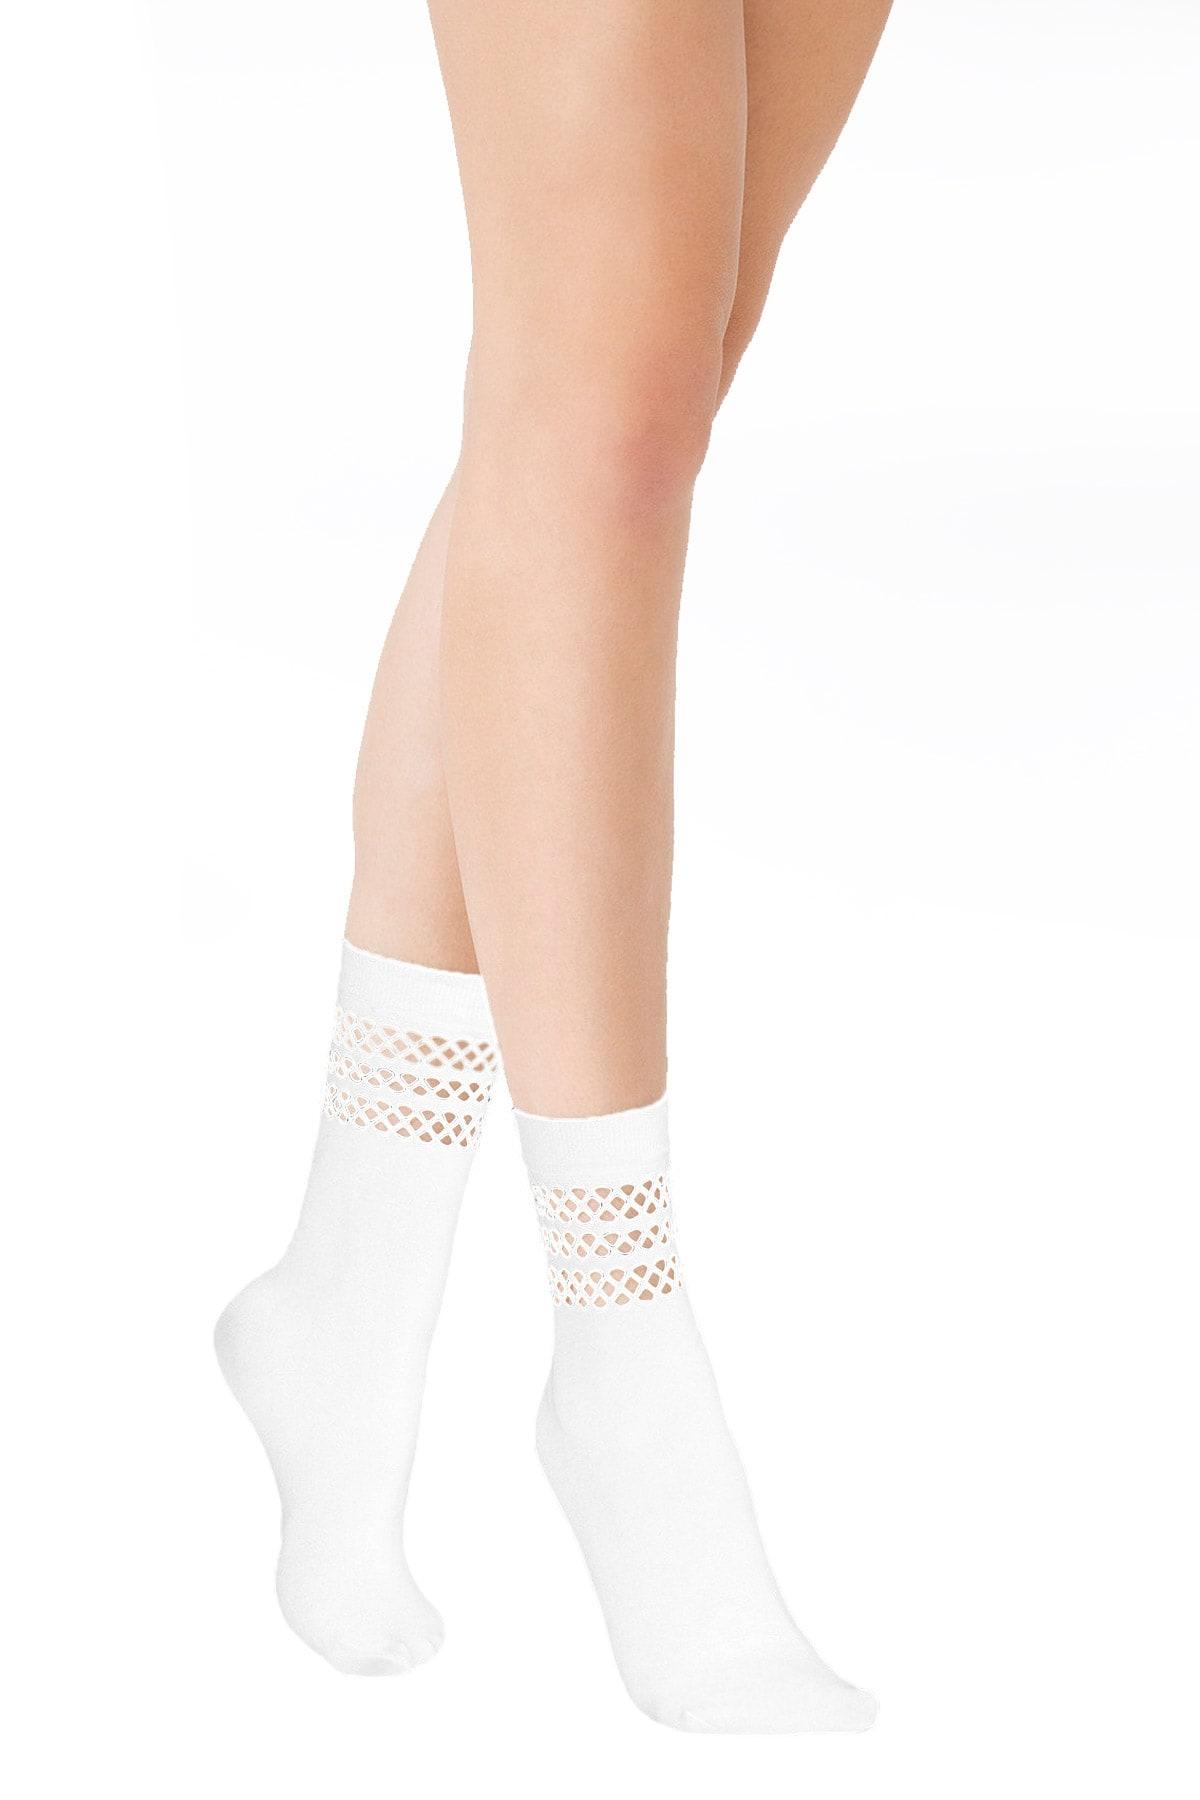 MiteLove Mite Love Soket Çorap Düet File Beyaz